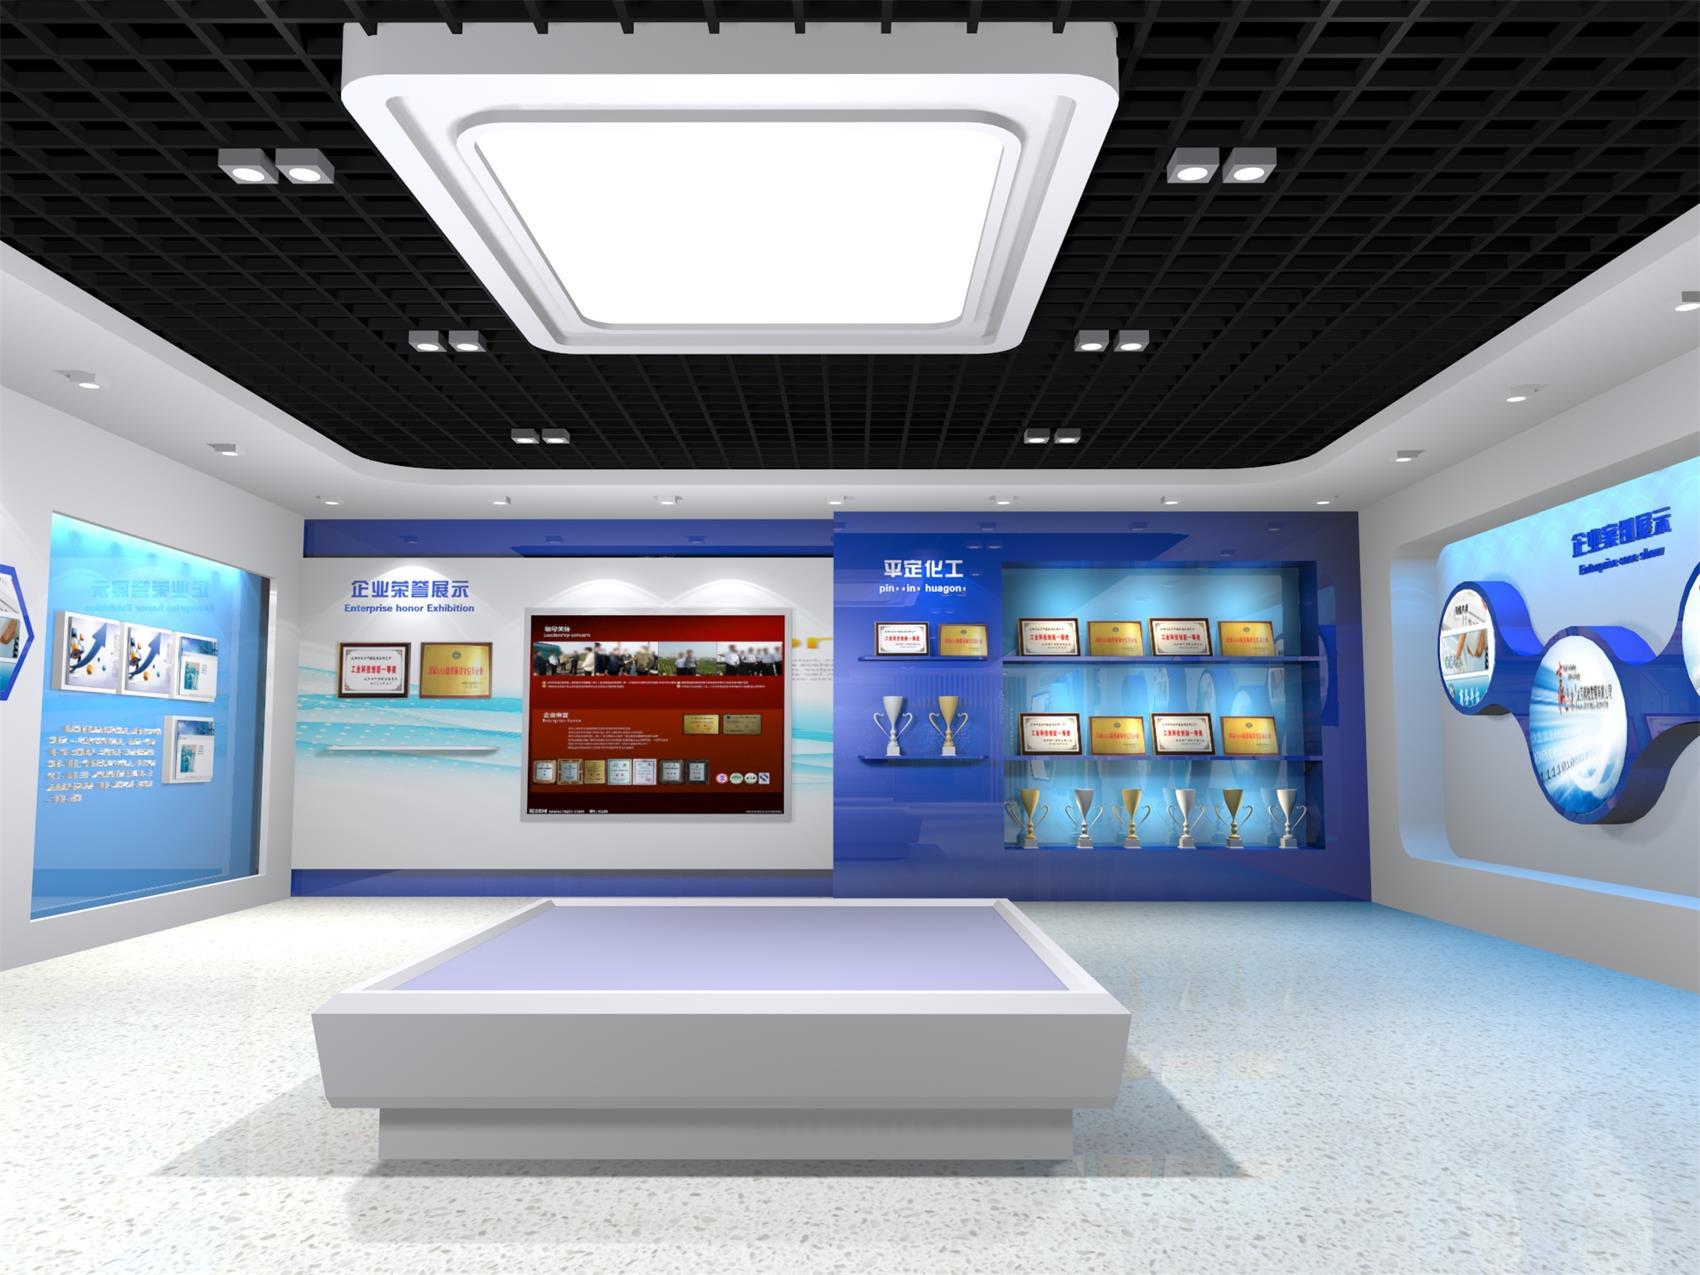 展厅发展历程设计